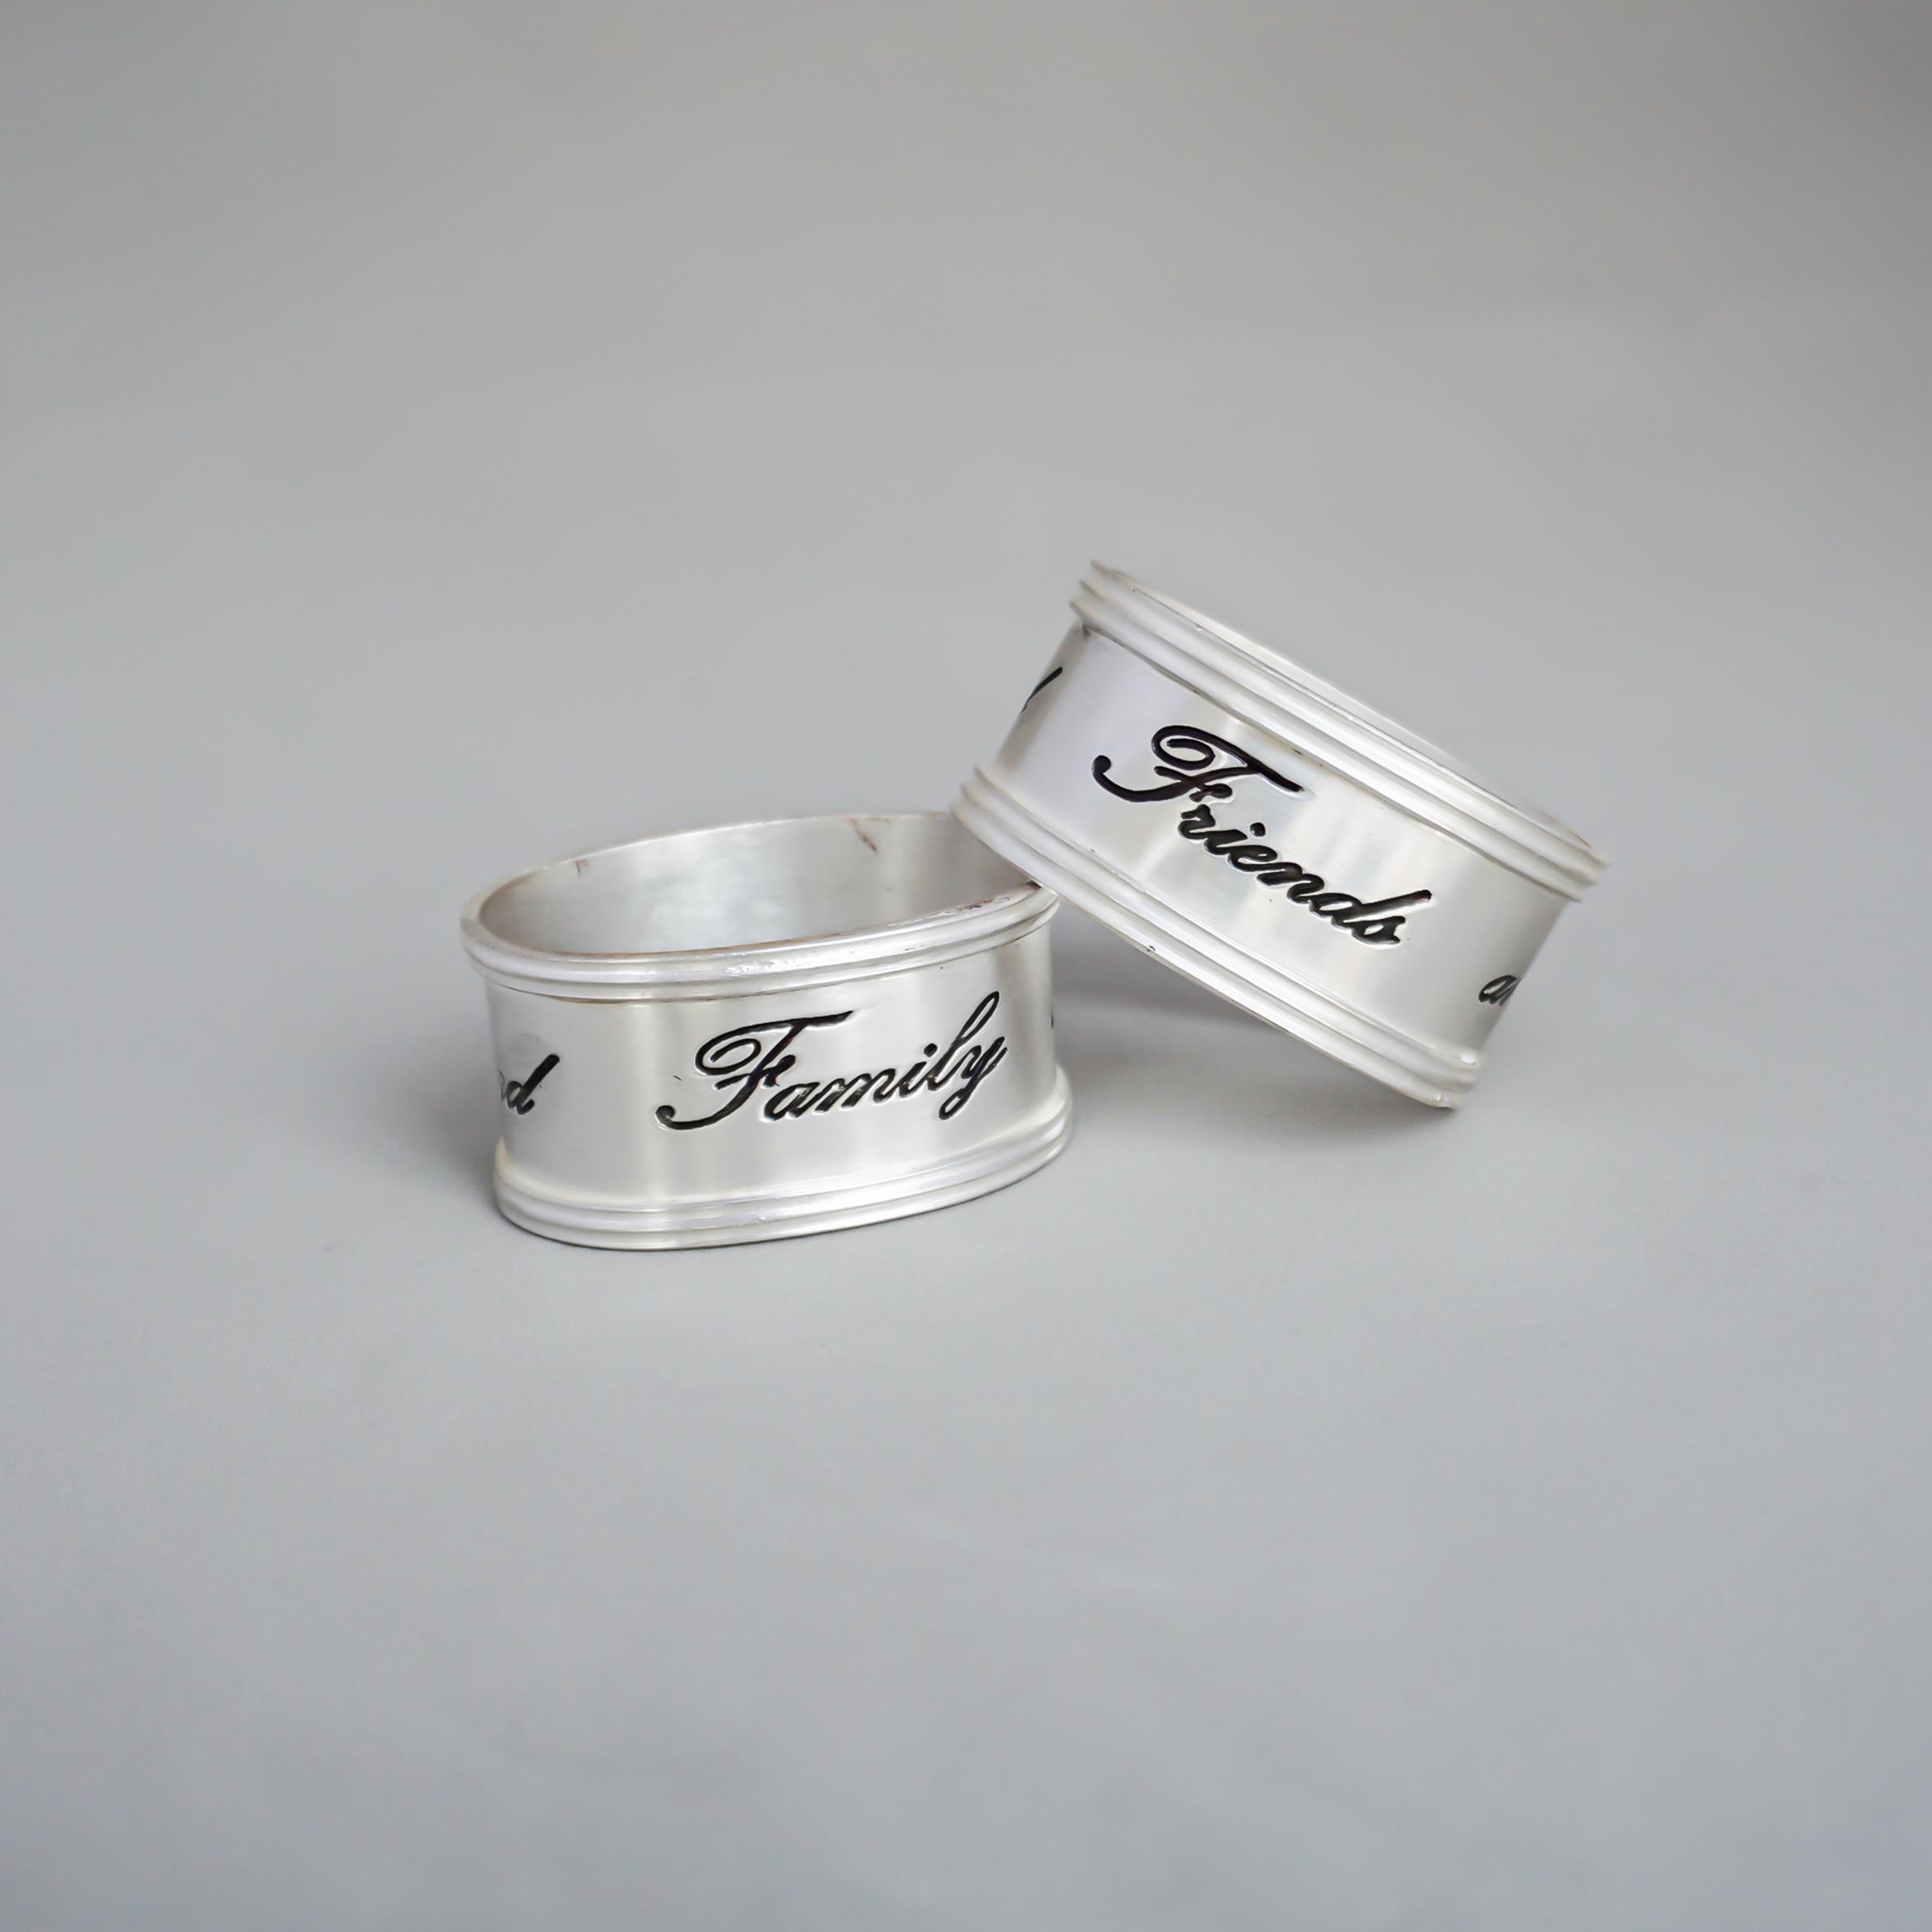 アンティークシルバーナプキンリング 1peace(Antique Silver Sentiment Napkin Rings)